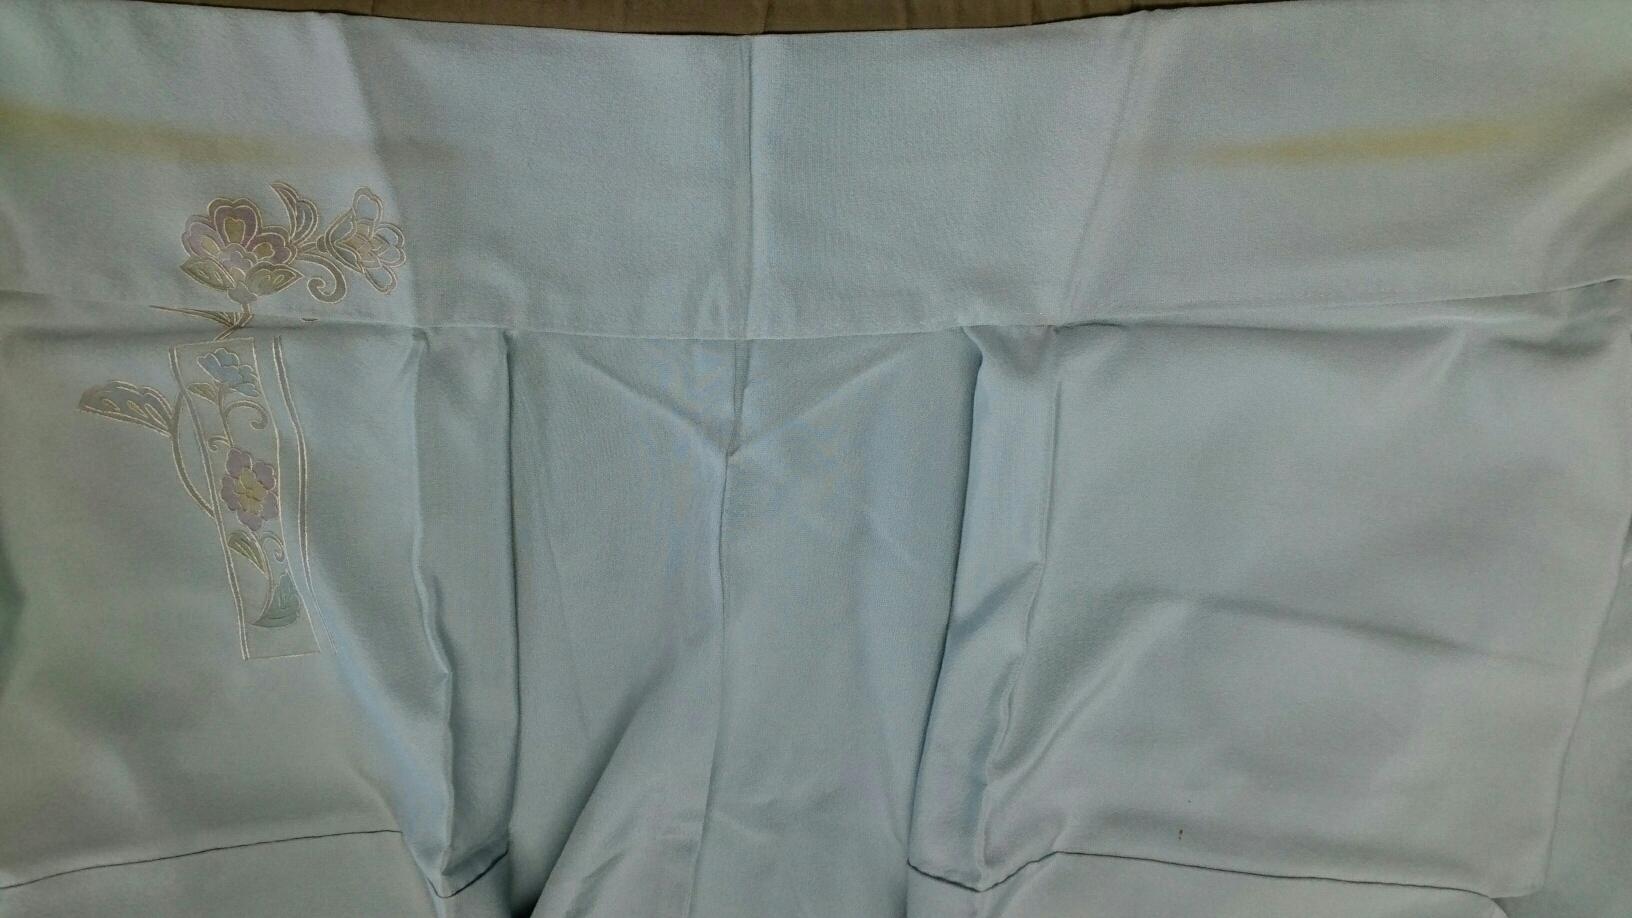 着物の襟元のシミ